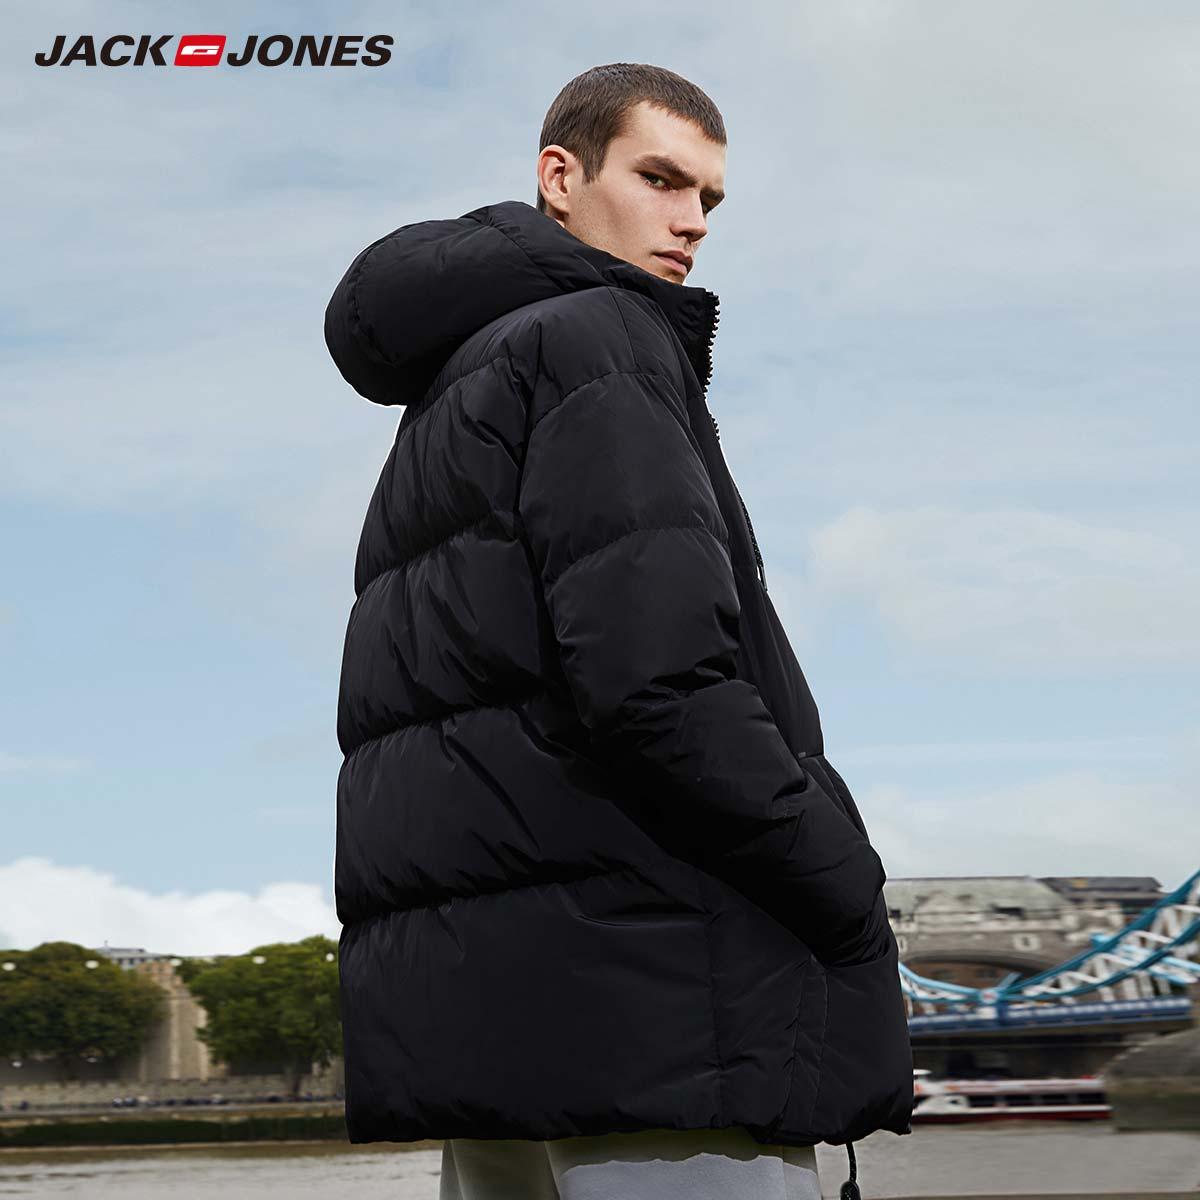 JackJones de los hombres con capucha de invierno pato al aire libre de invierno hombre Casual moda jacketCoat 2019 Nueva Marca Ropa   218312531  